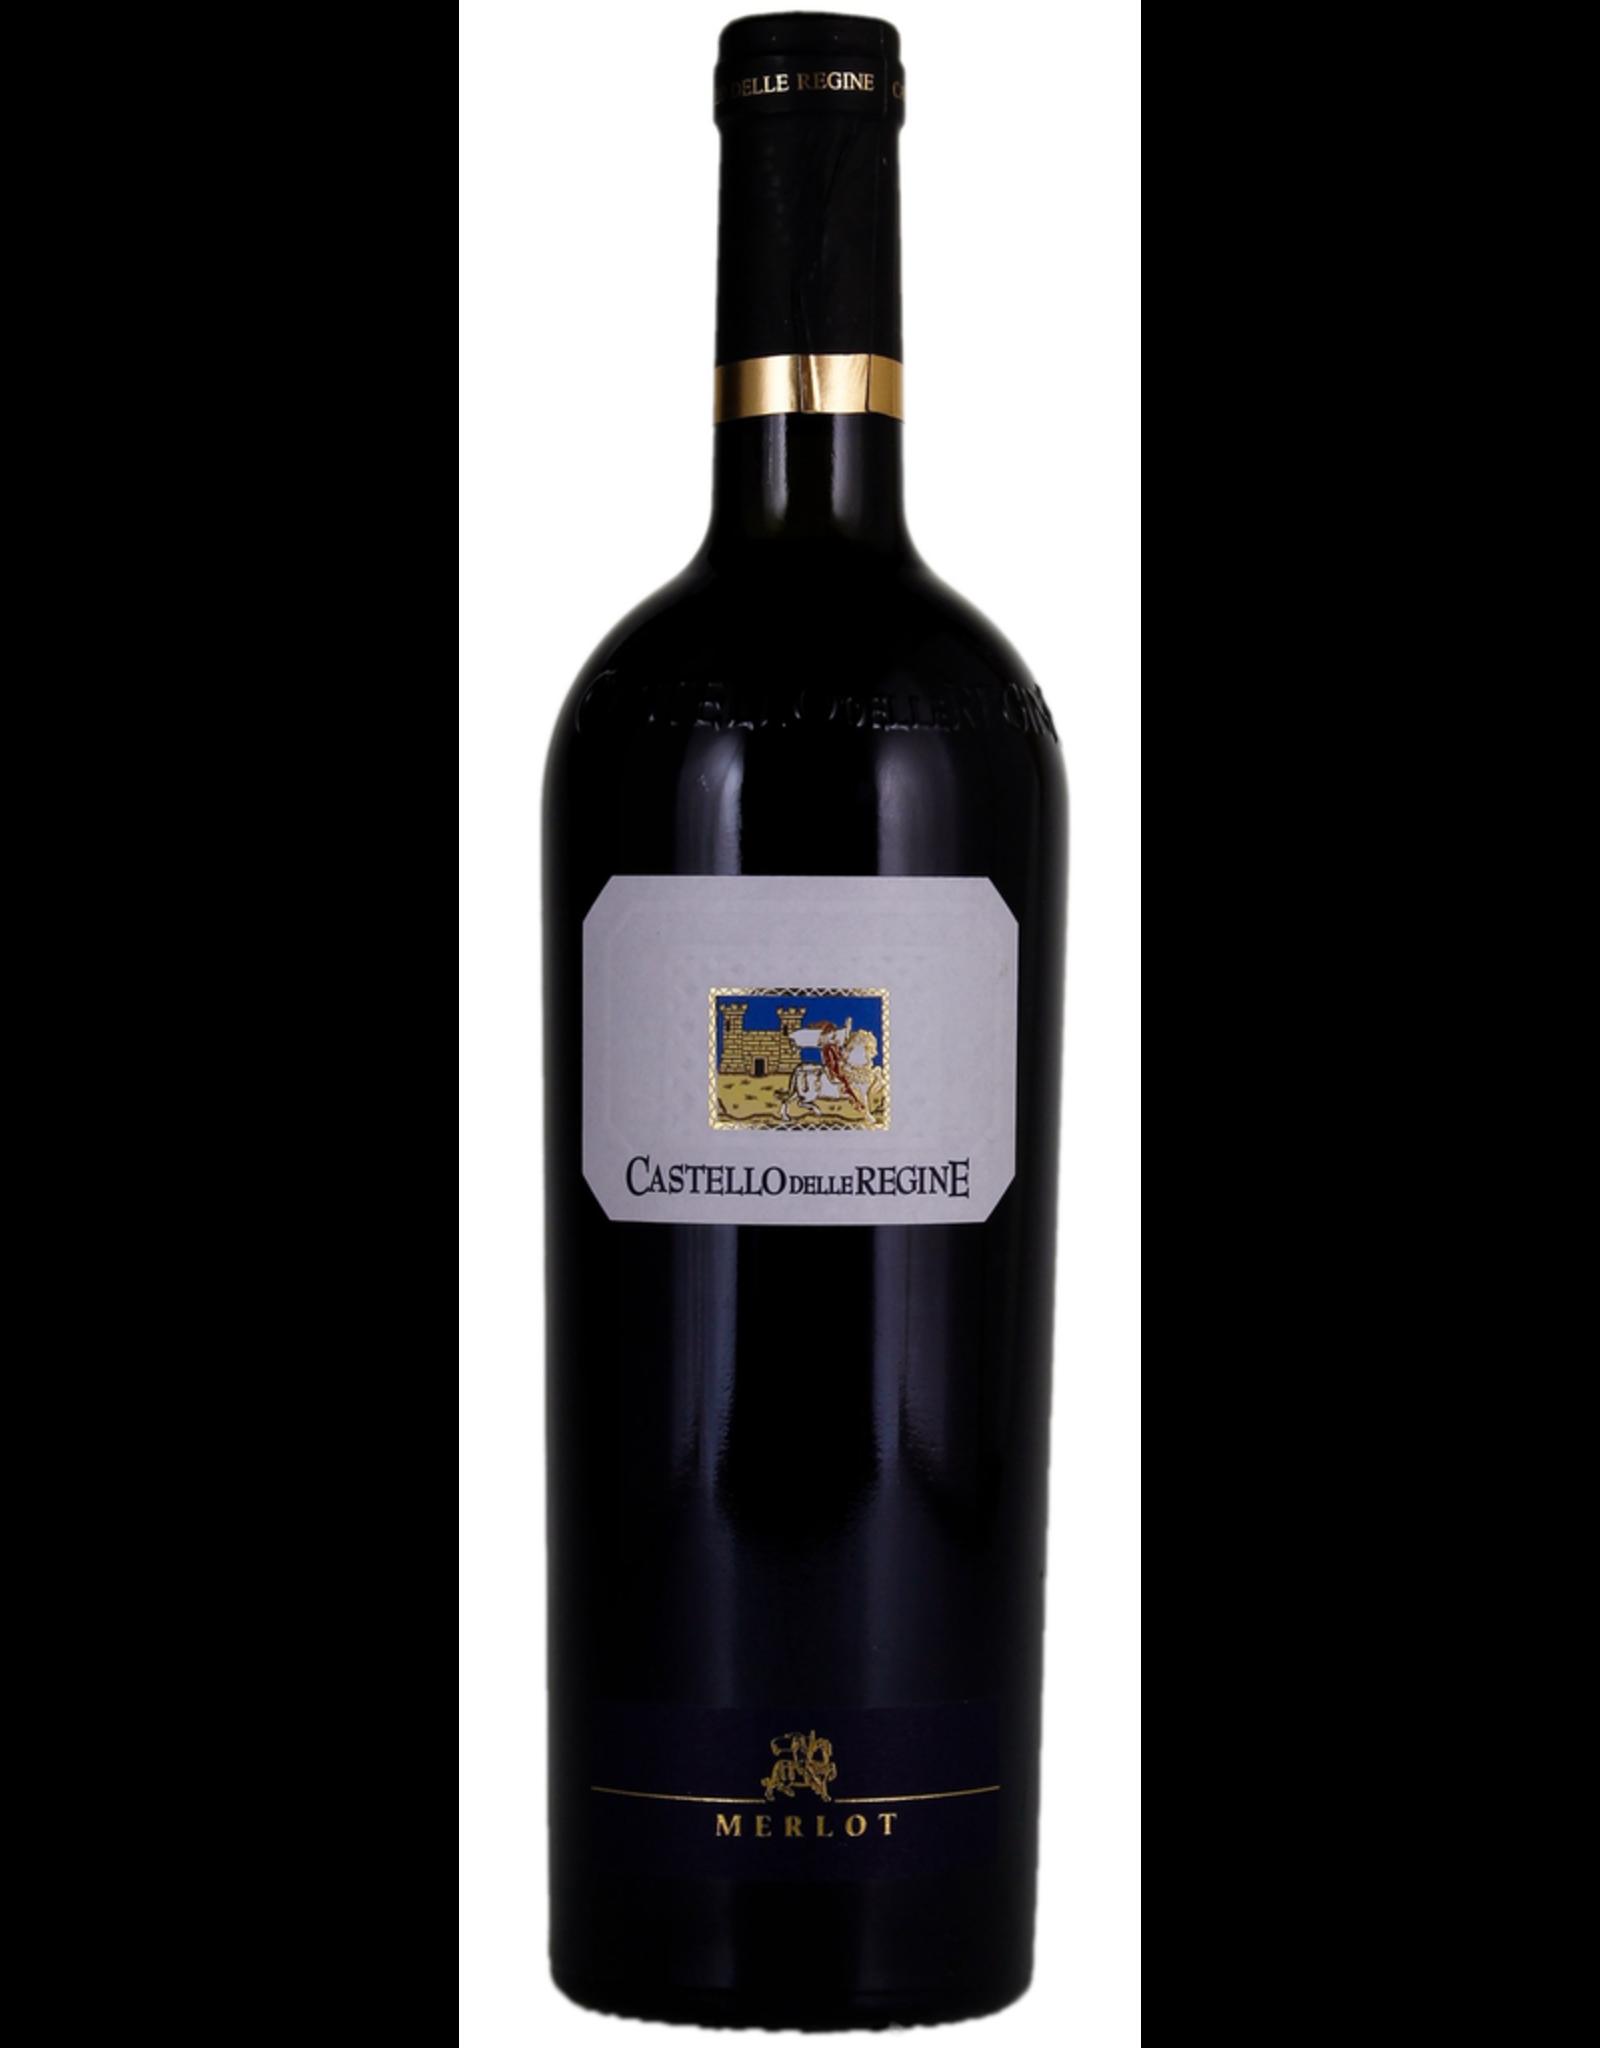 Red Wine 2007, Castello Delle Regine, Merlot, Amelia, Umbria, Italy, 13% Alc, CTnr